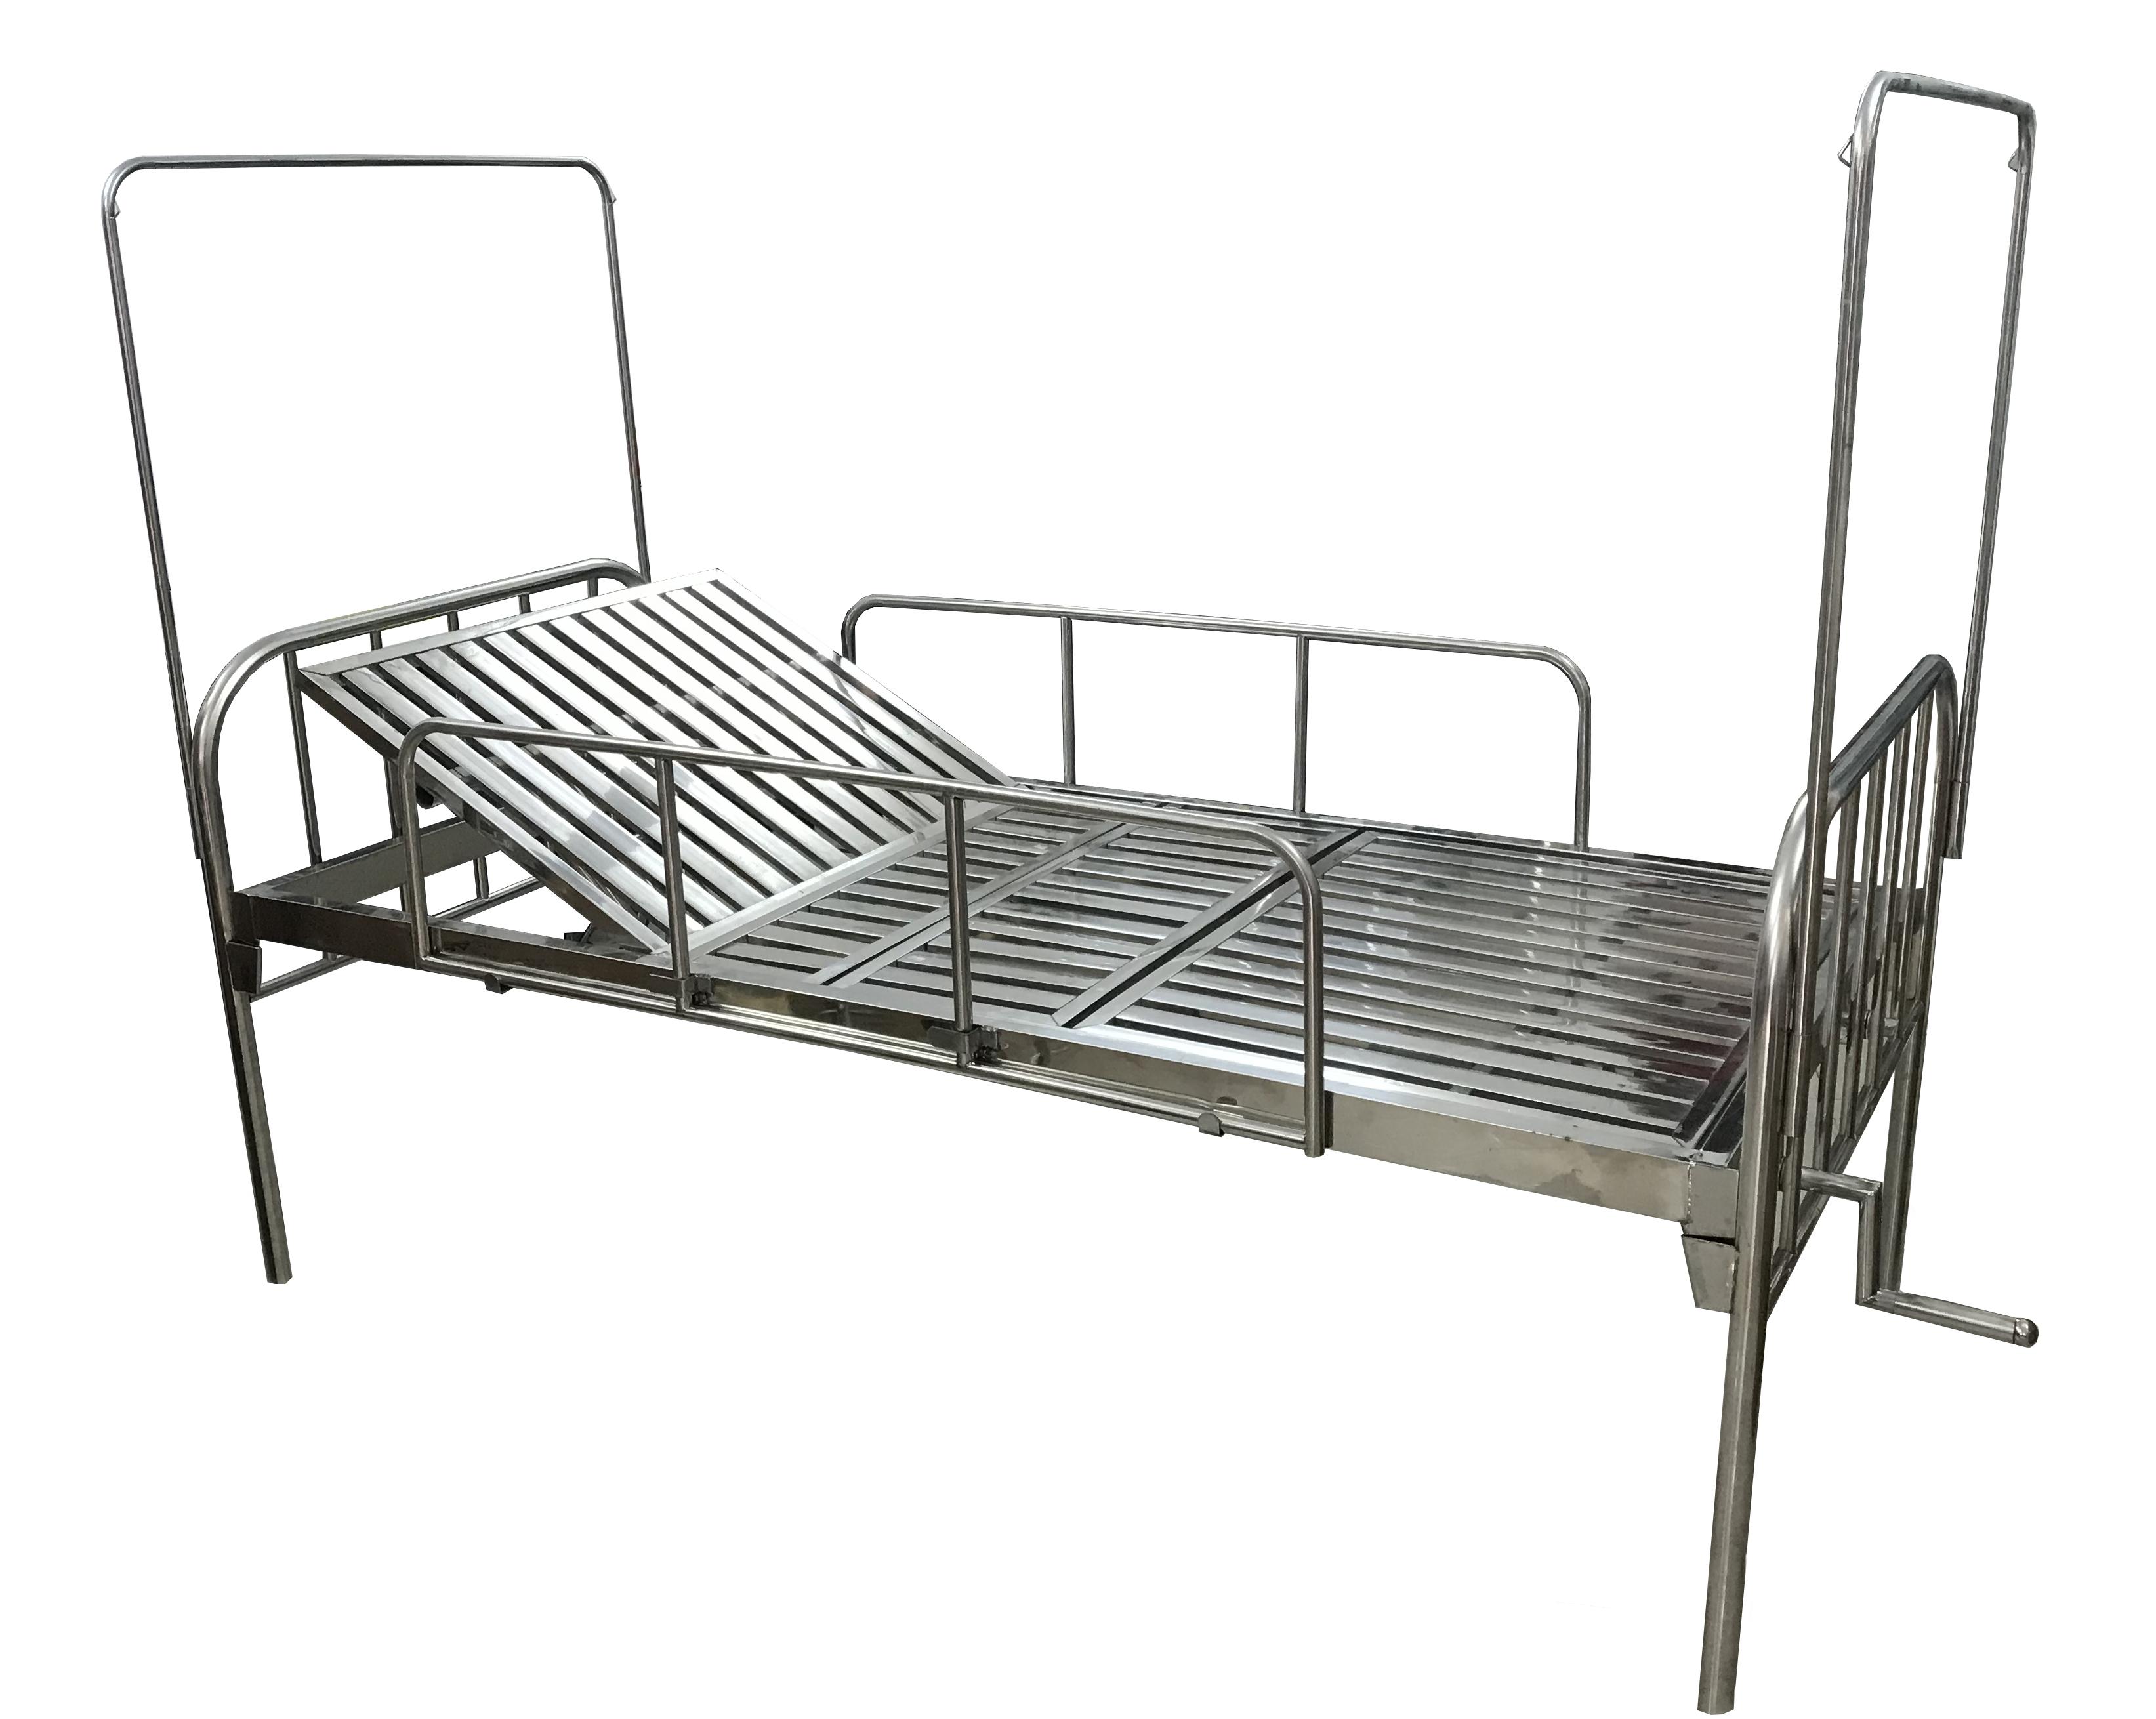 Giường inox bệnh nhân 1 tay quay